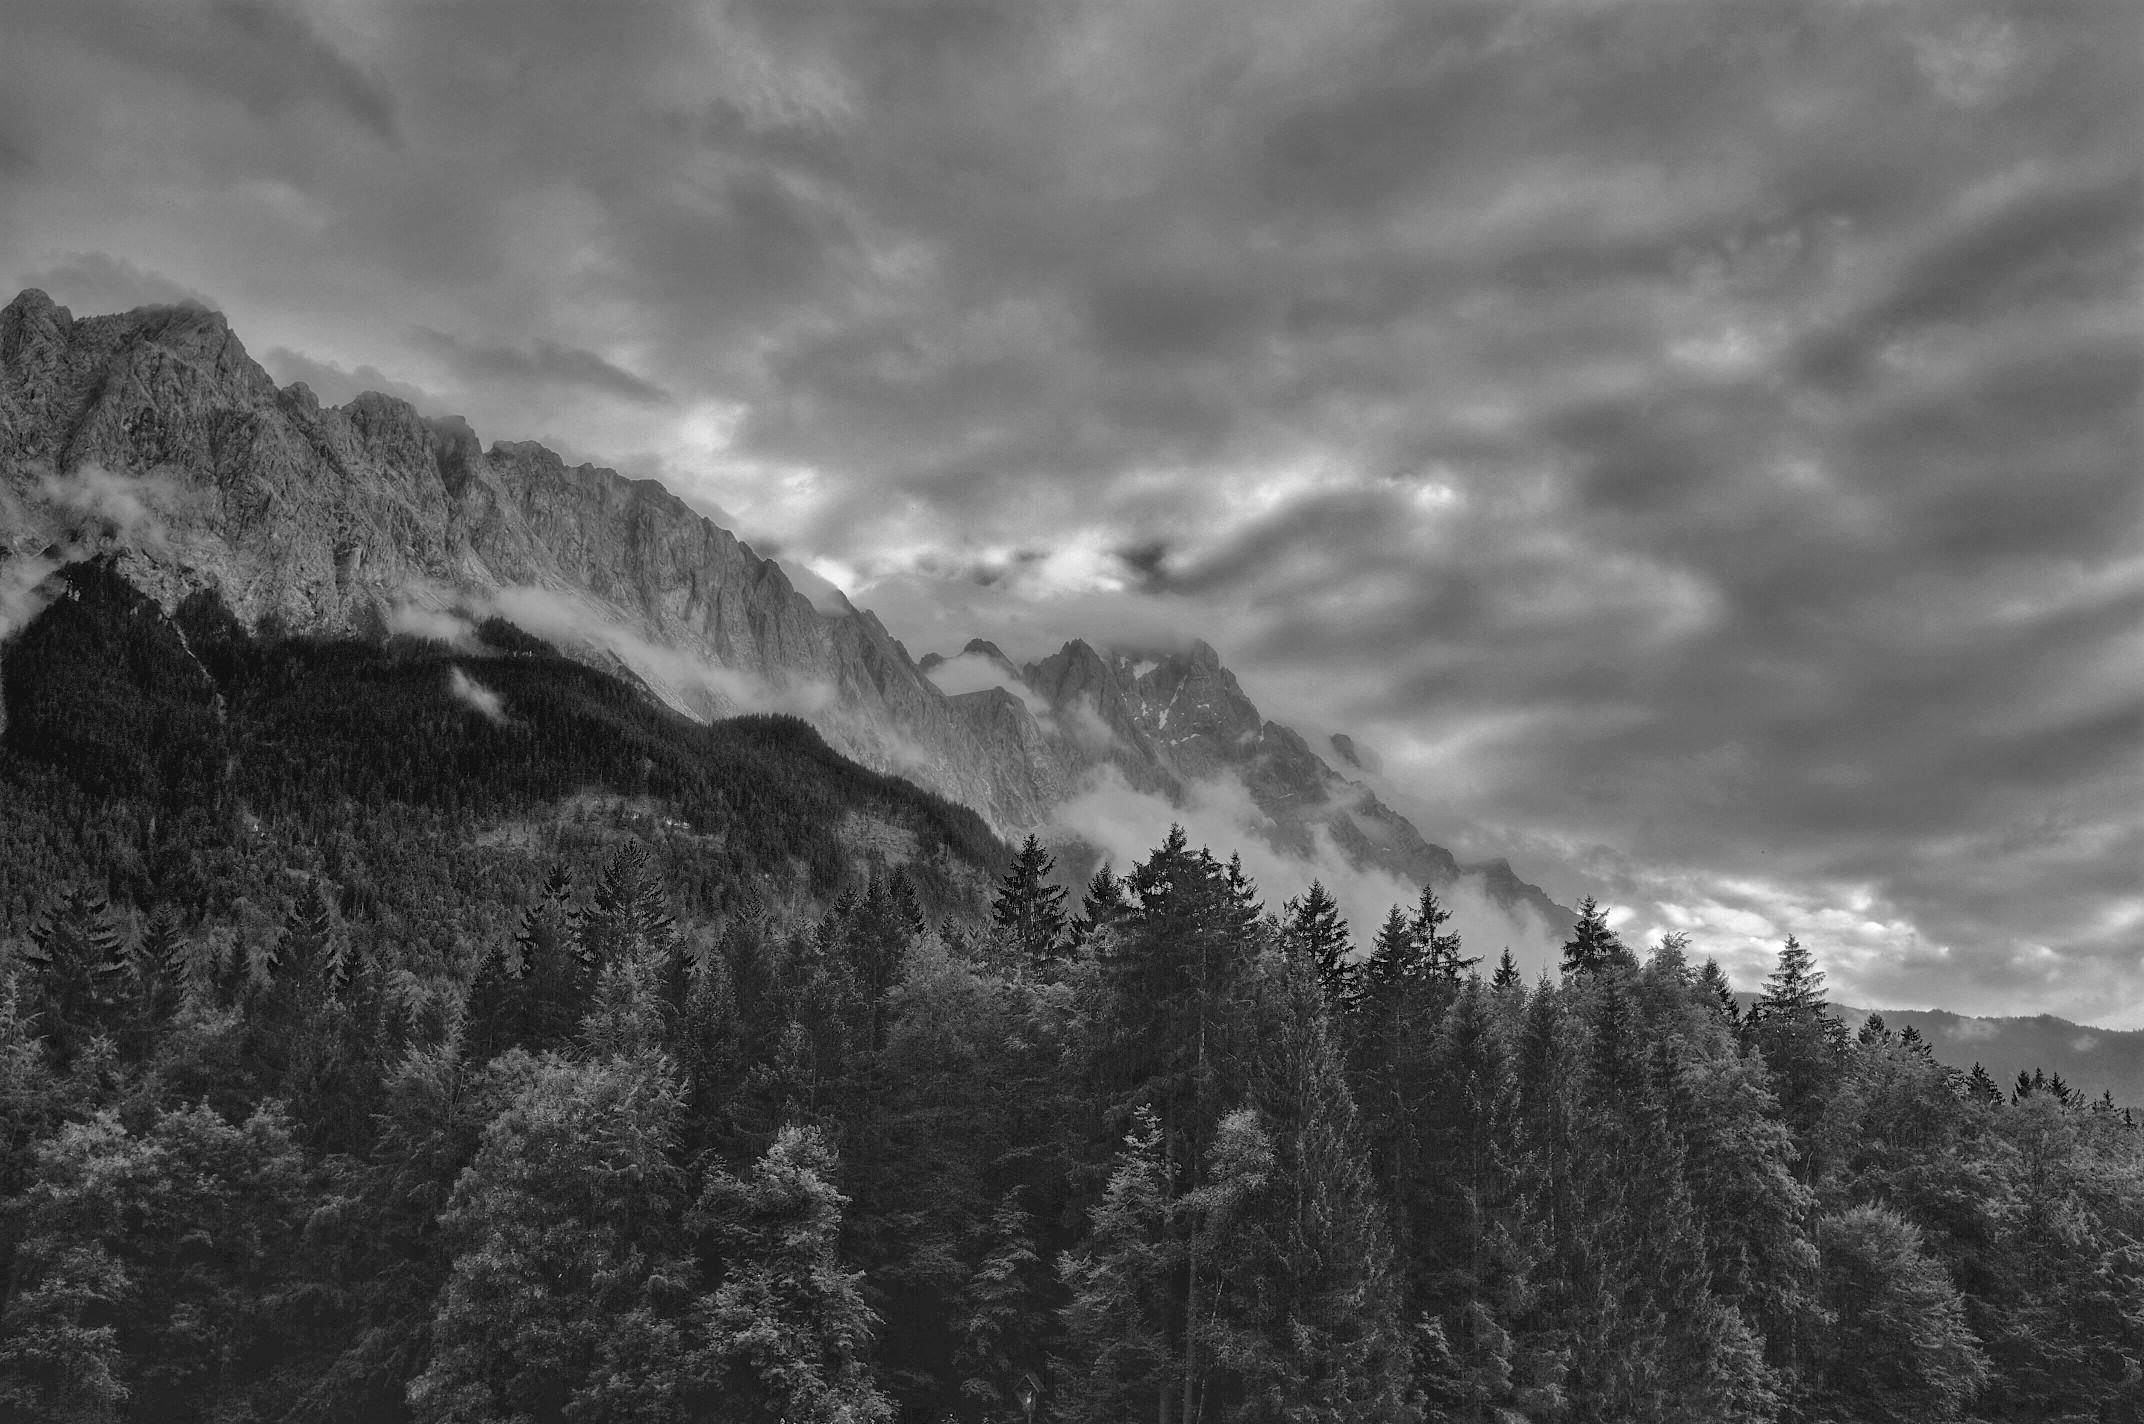 Grainau, Bavarian Alps